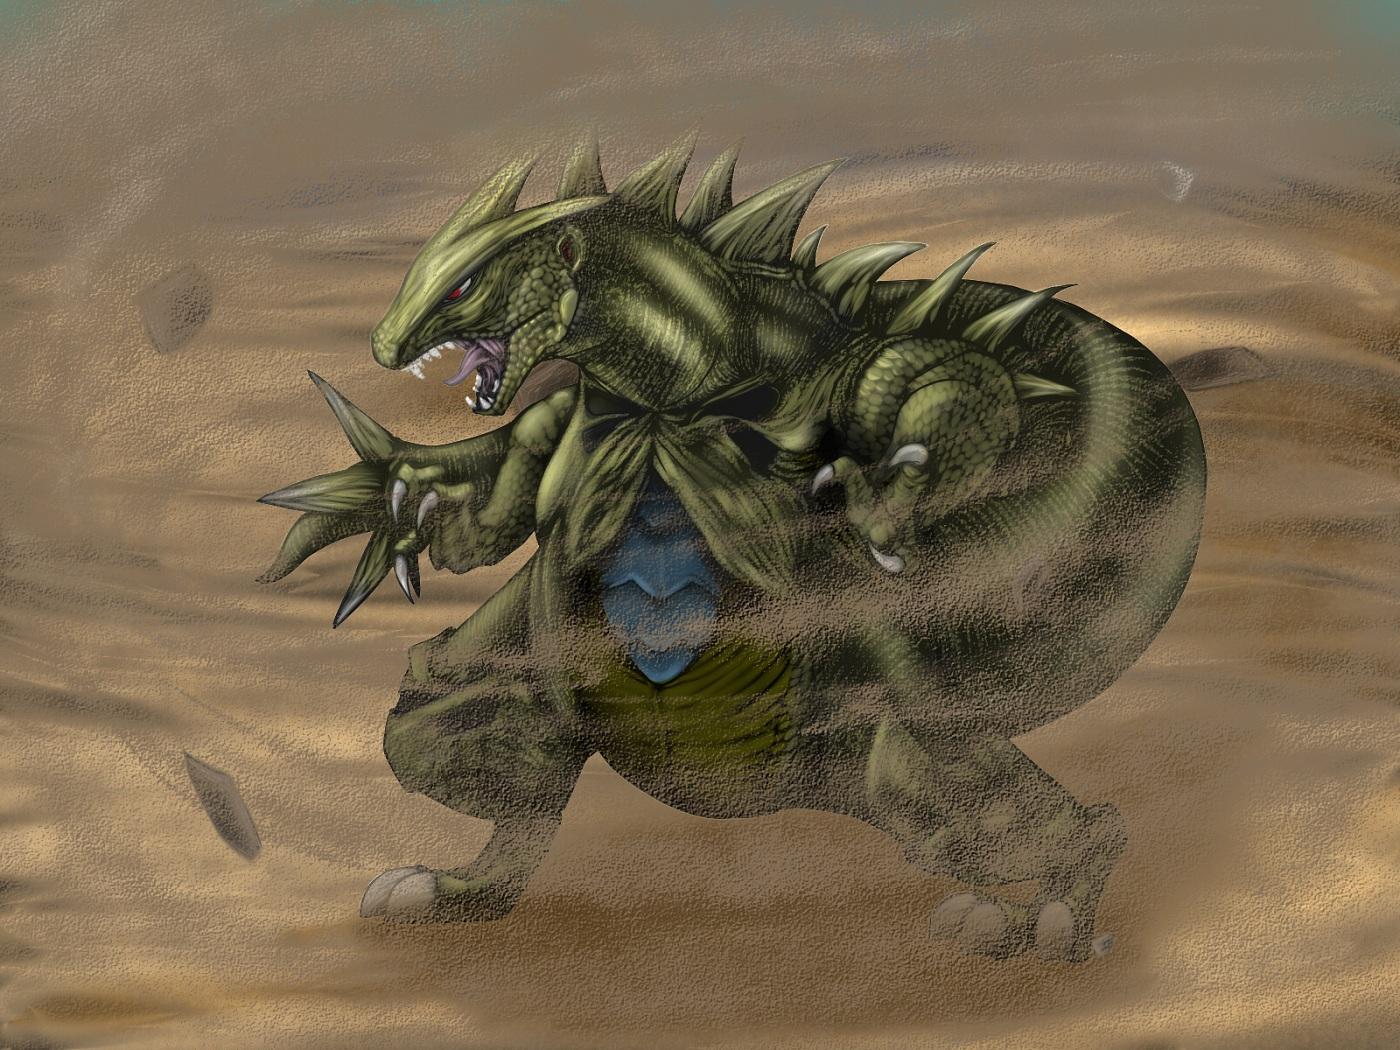 Pokémon-Zeichnung: despotar für despotar176